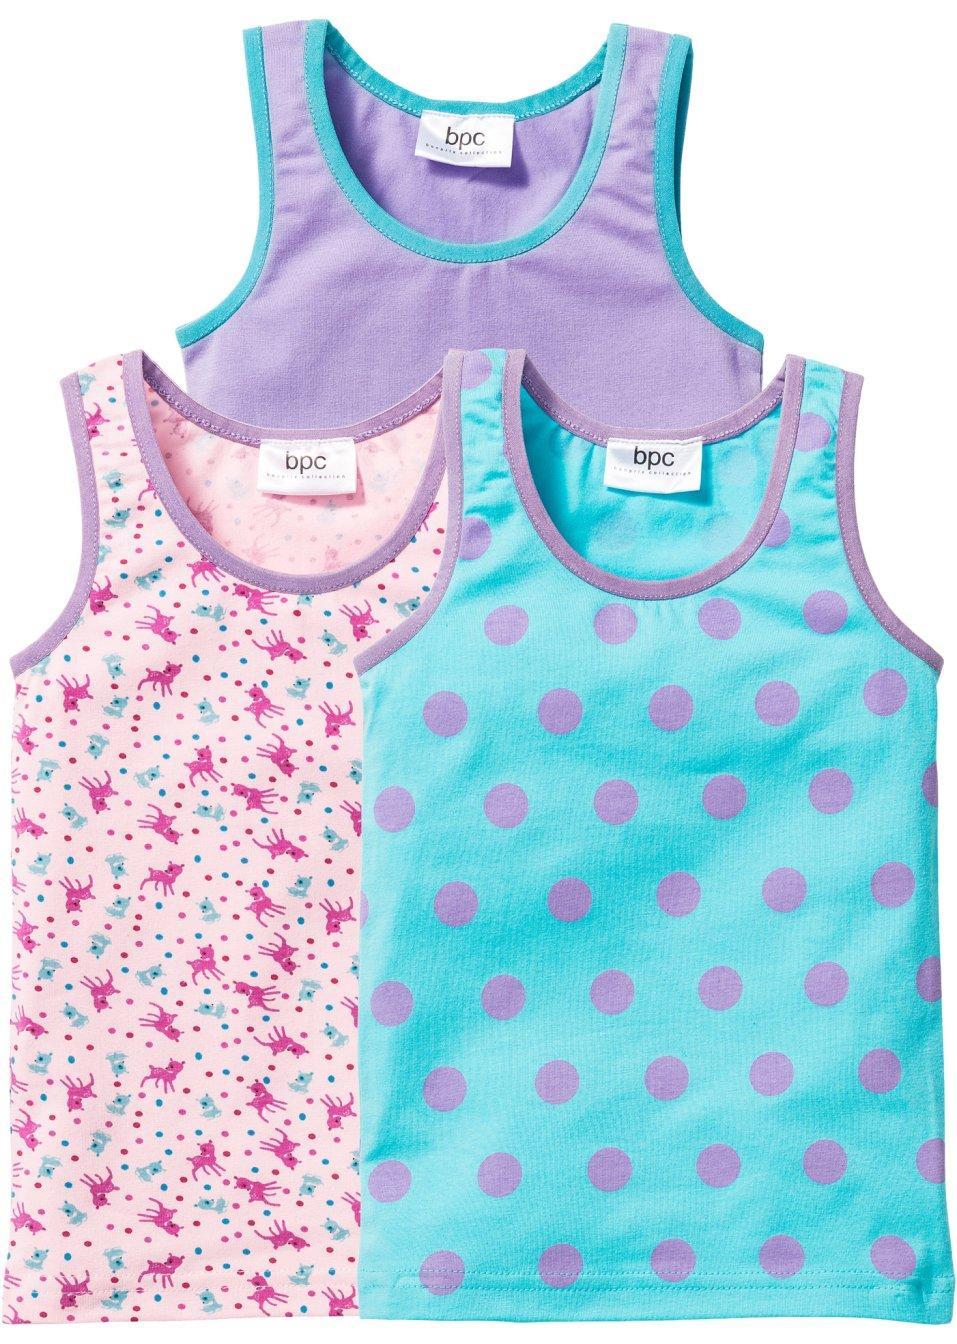 lot de 3 tricots de peau t 92 98 152 158 bleu ciel mauve rose poudr imprim commande online. Black Bedroom Furniture Sets. Home Design Ideas